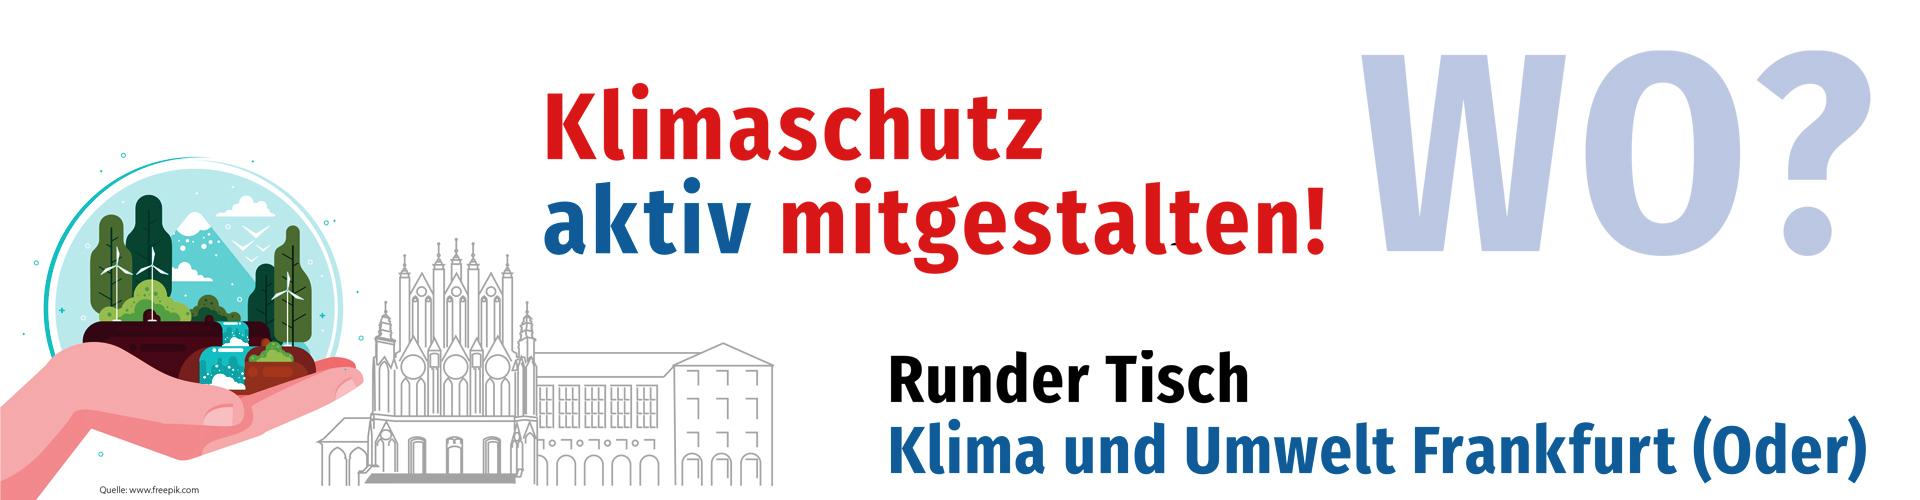 Runder Tisch für Klima und Umwelt in Frankfurt (Oder)